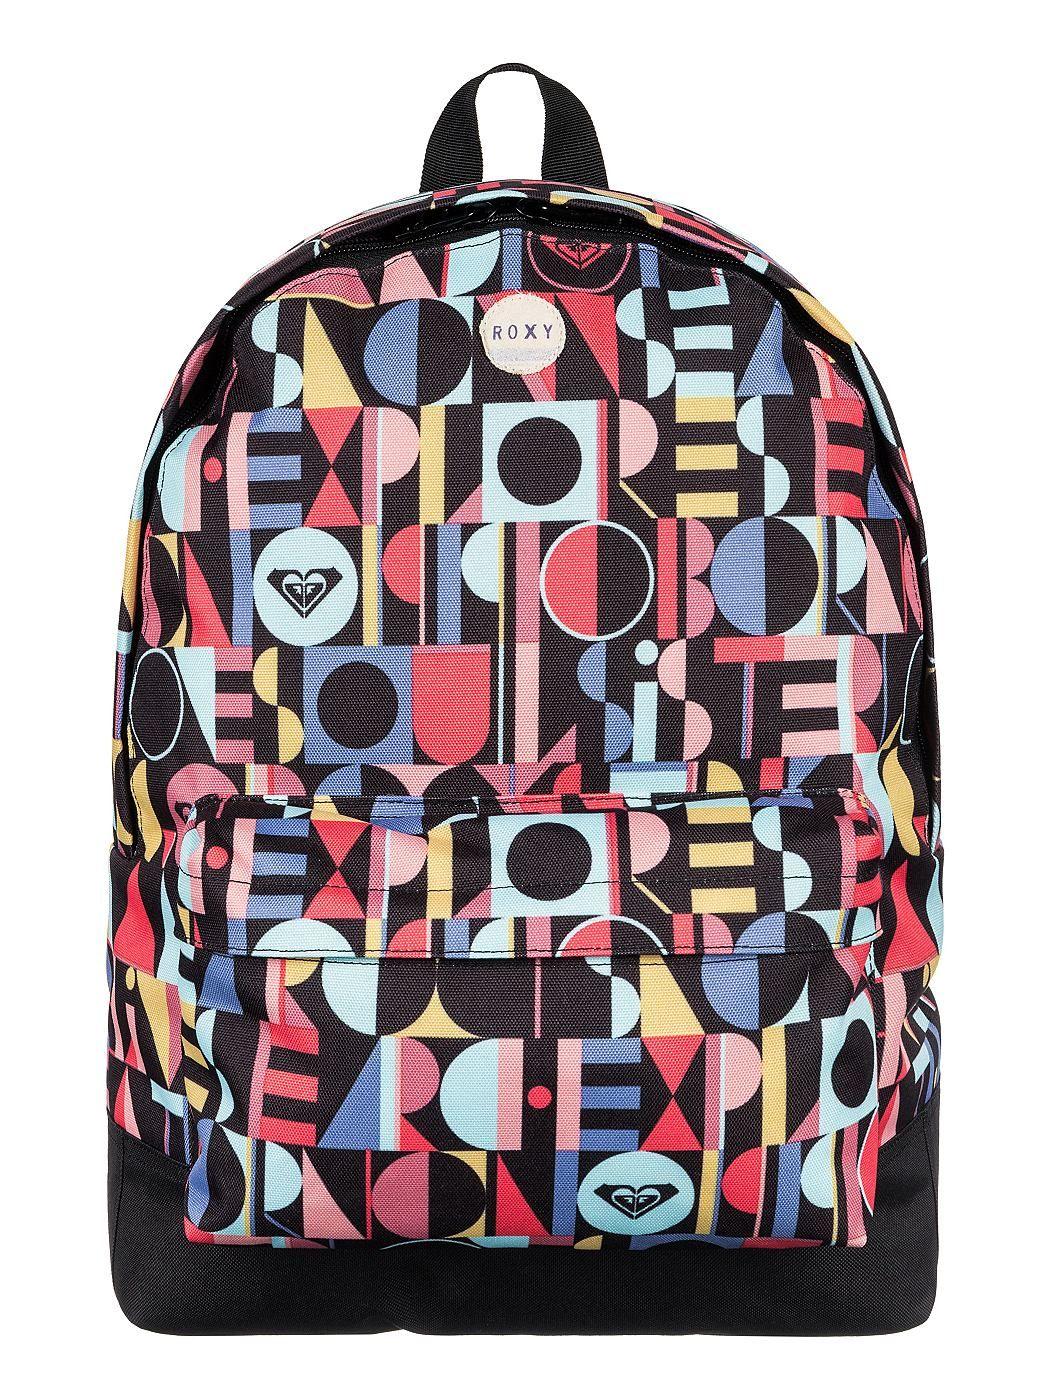 Sugar Baby - Roxy Rucksack mit All-over Print für Frauen  Sugar Baby Rucksack von ROXY. Die Eigenschaften dieses Produkts sind: Rucksack mit All-over Print, 1 Hauptfach und Reißverschlusstasche vorne. Dieses Produkt besteht aus: 100% Polyester.  Merkmale:  Rucksack mit All-over Print, 1 Hauptfach, Reißverschlusstasche vorne, Verstellbar, Gepolsterte Schultergurte,  Dieses Produkt besteht aus:  ...